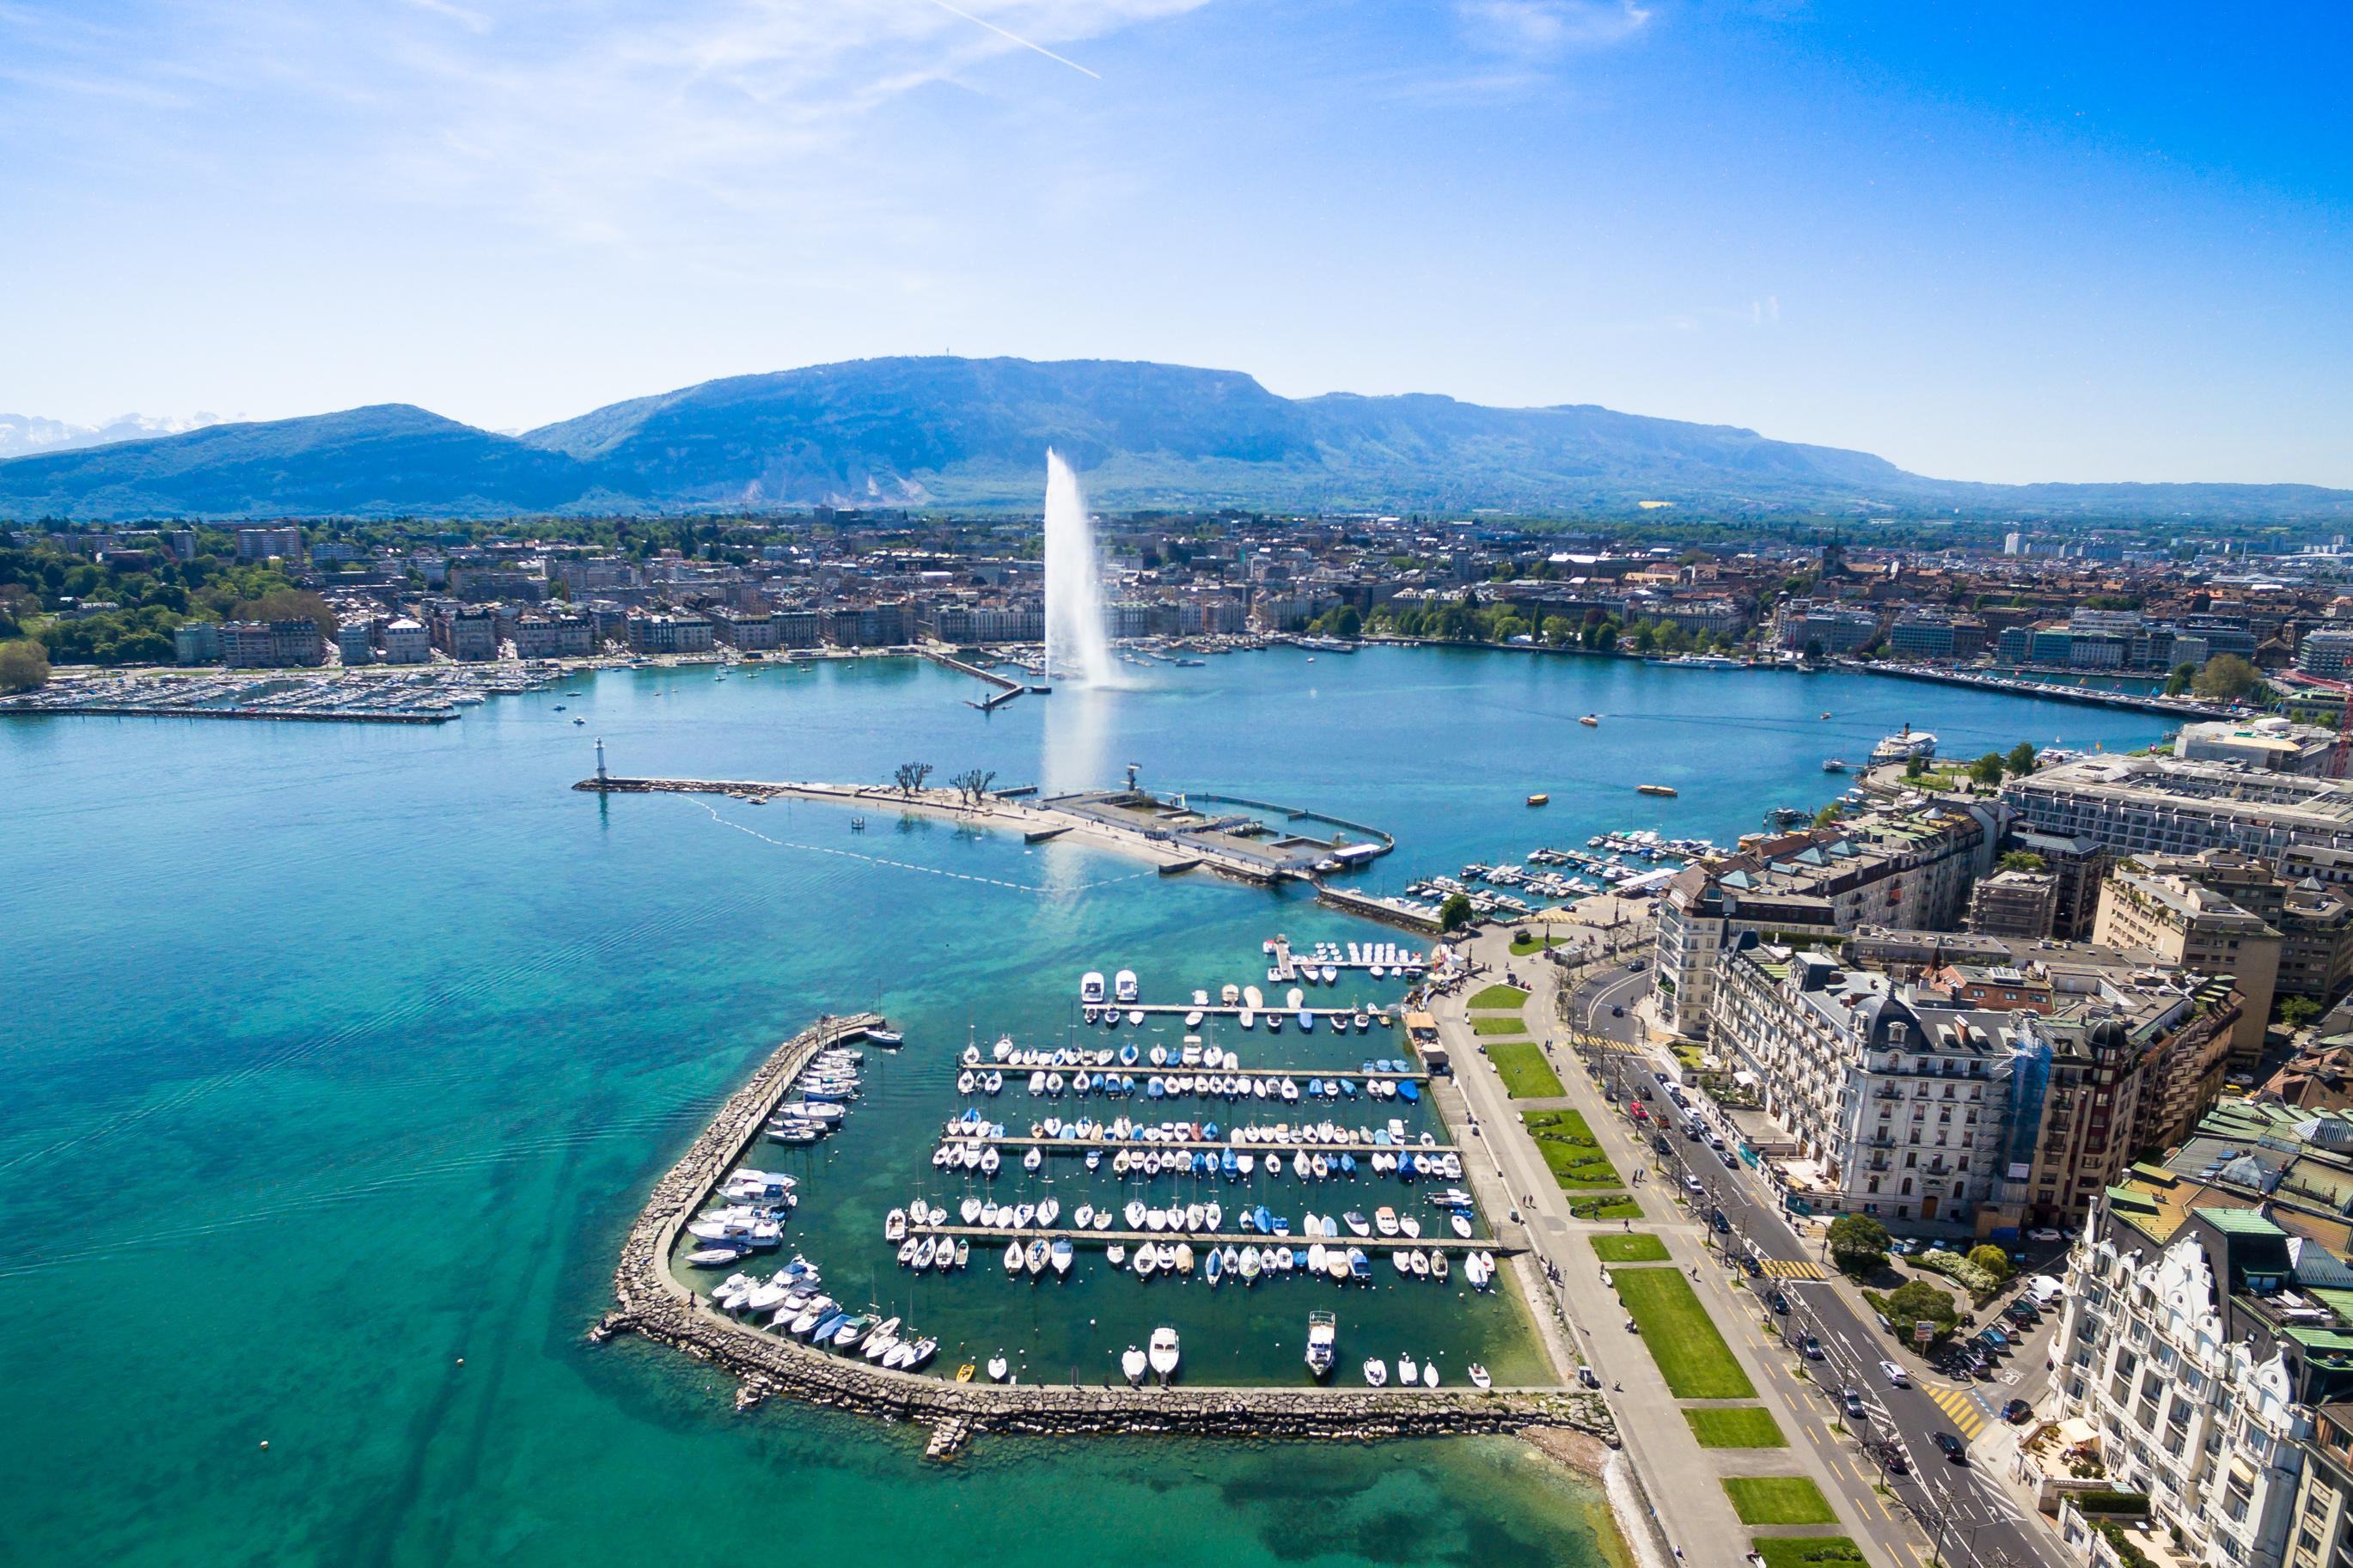 Швейцарският град Женева е класика в жанра, така че едва ли е изненада, че присъства в тази класация. Градът съчетава минало, настояще и бъдеще в едно и предлага по нещо за всеки.